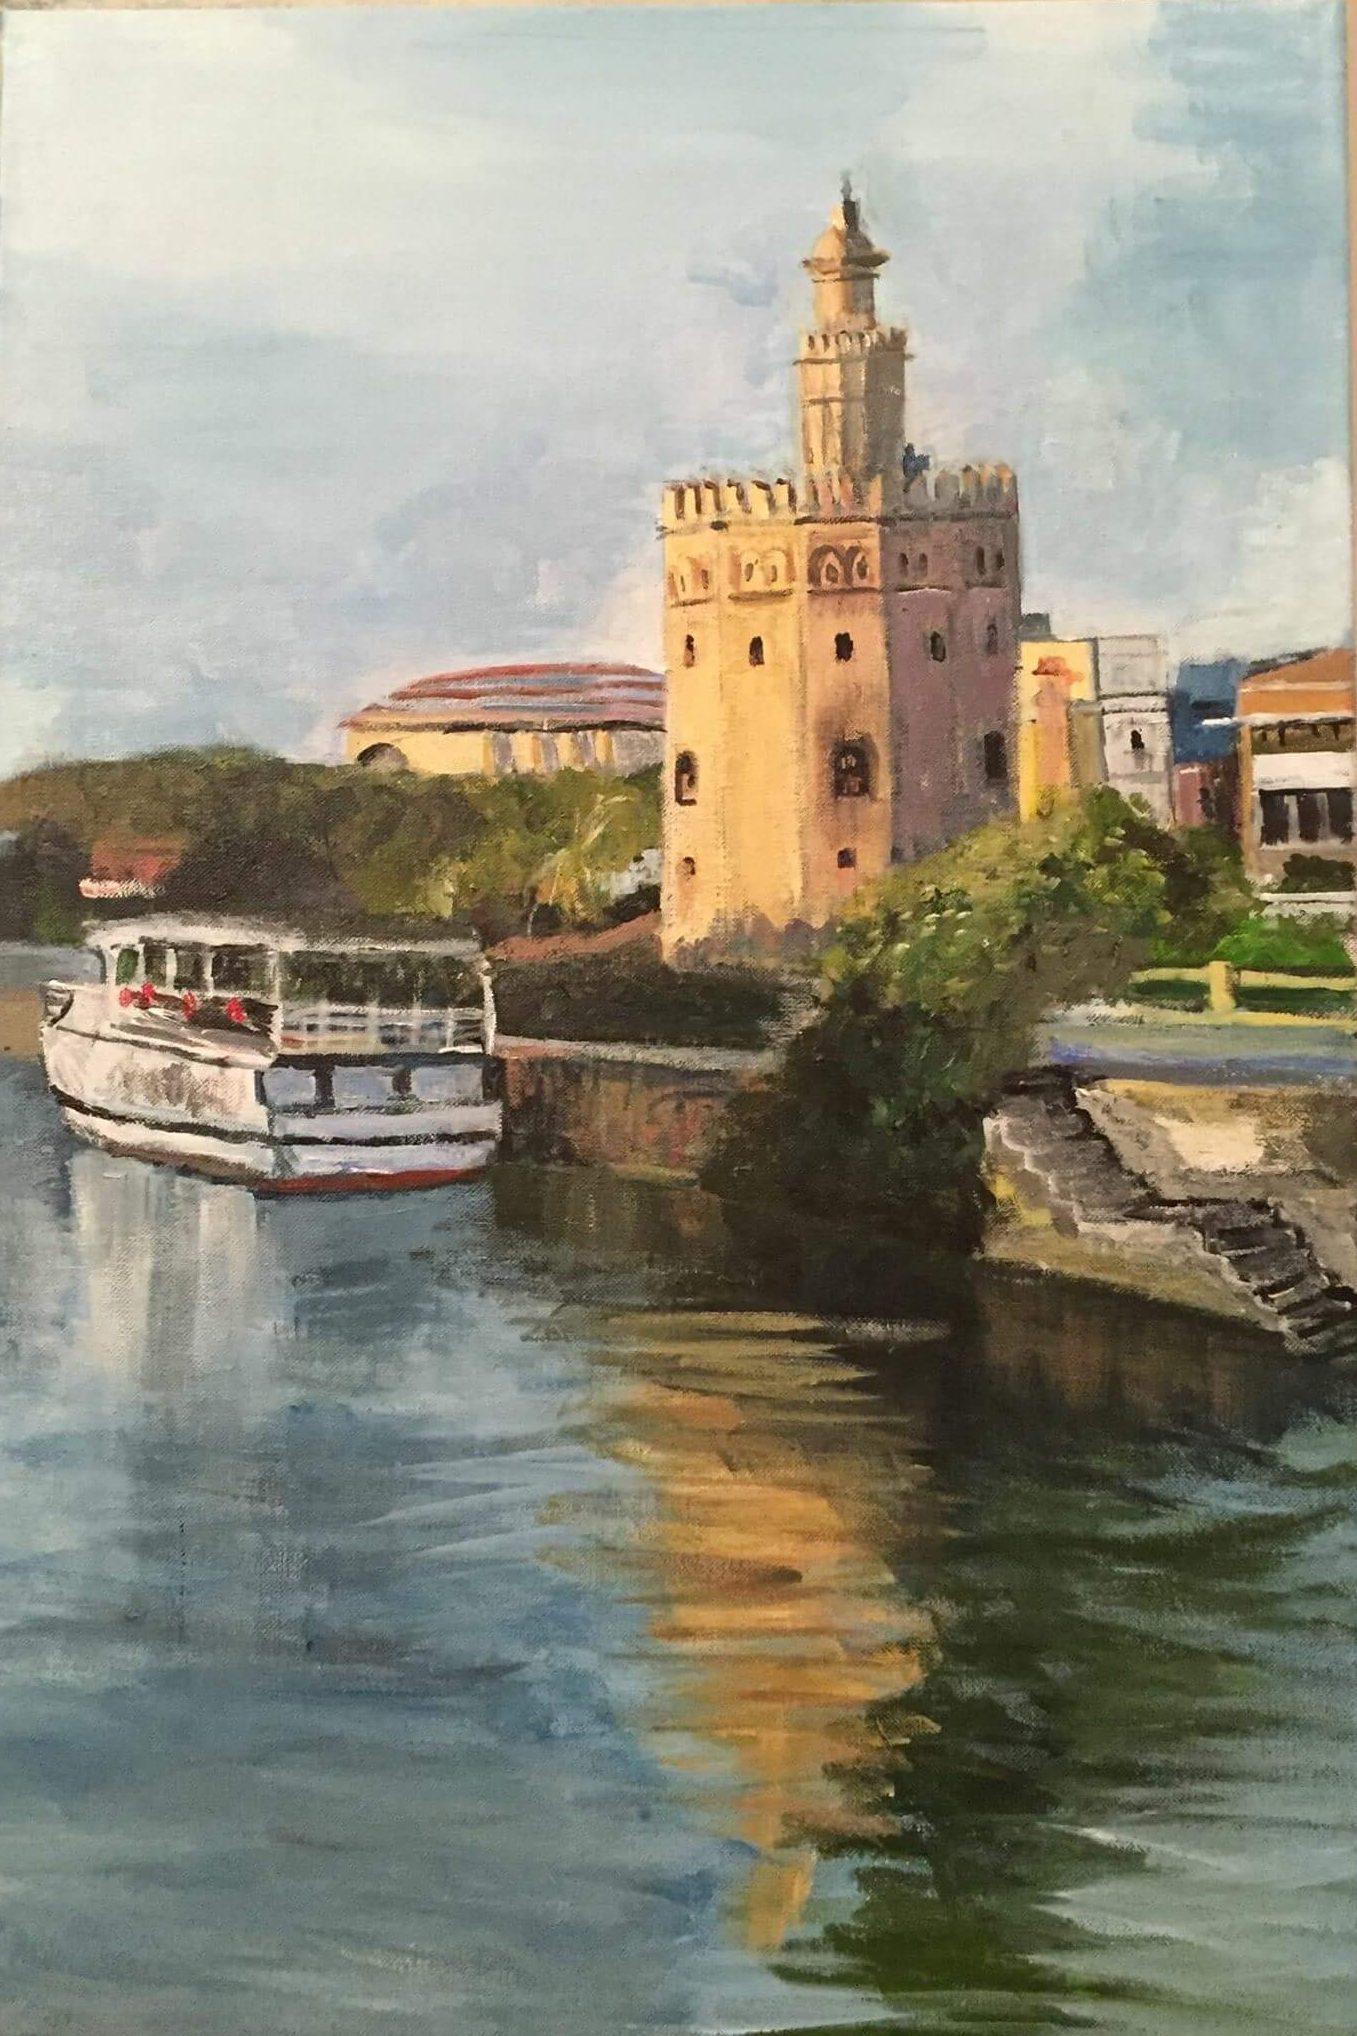 Vista de la Torre del Oro, Sevilla pintado por victoria medina profesora de la escuela de dibujo y pintura artemusas